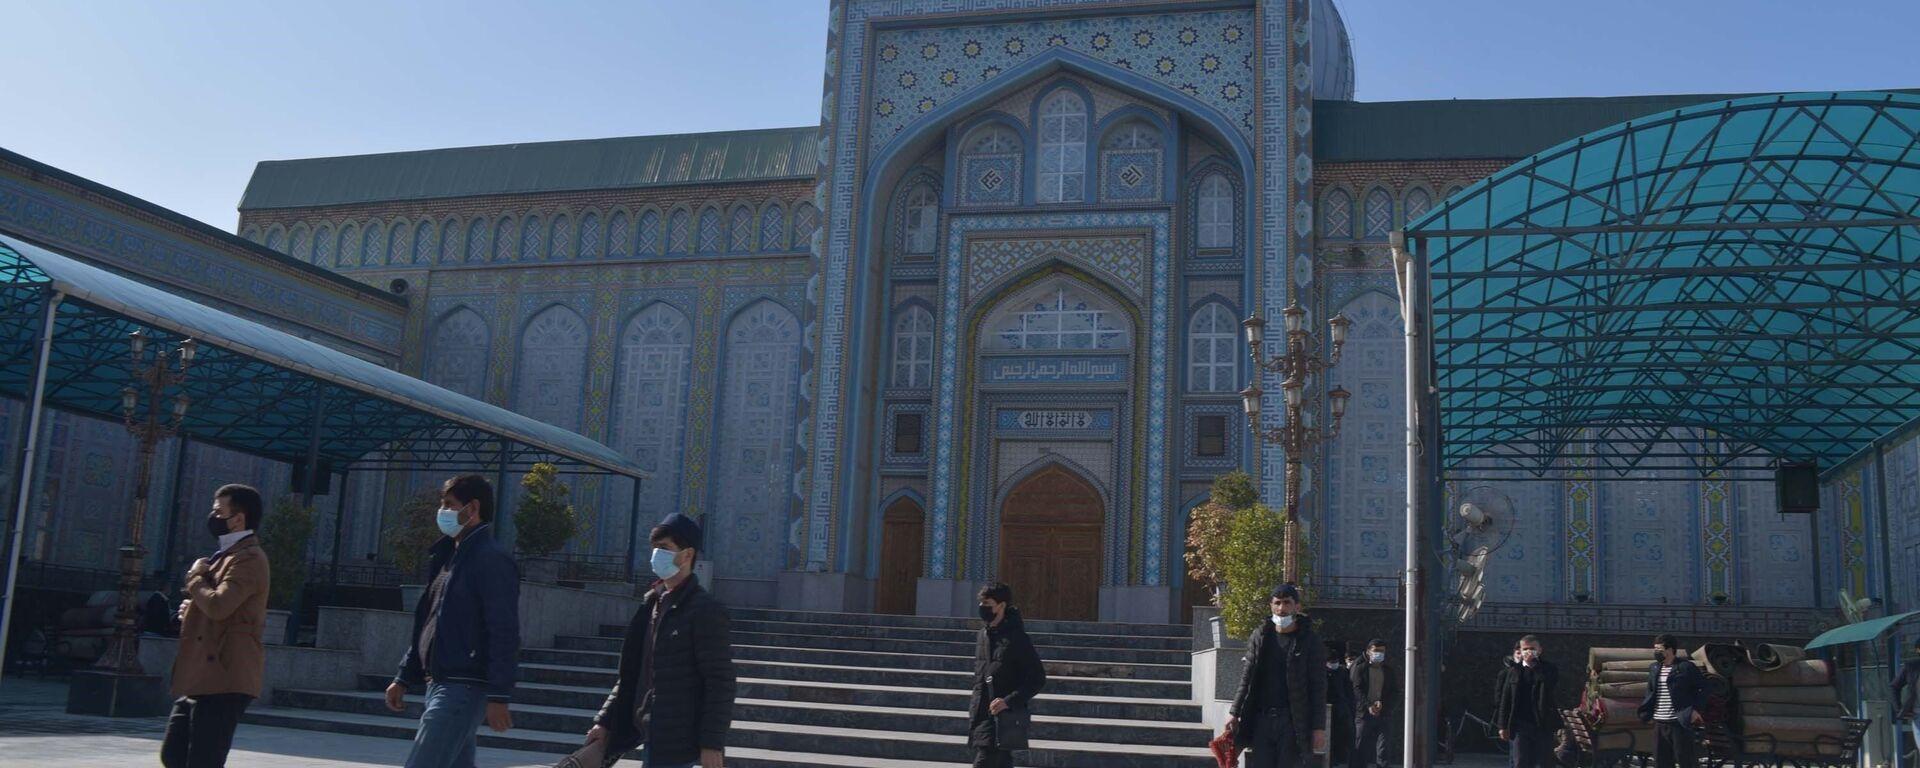 Открытие мечетей в Таджикистане - Sputnik Тоҷикистон, 1920, 01.02.2021